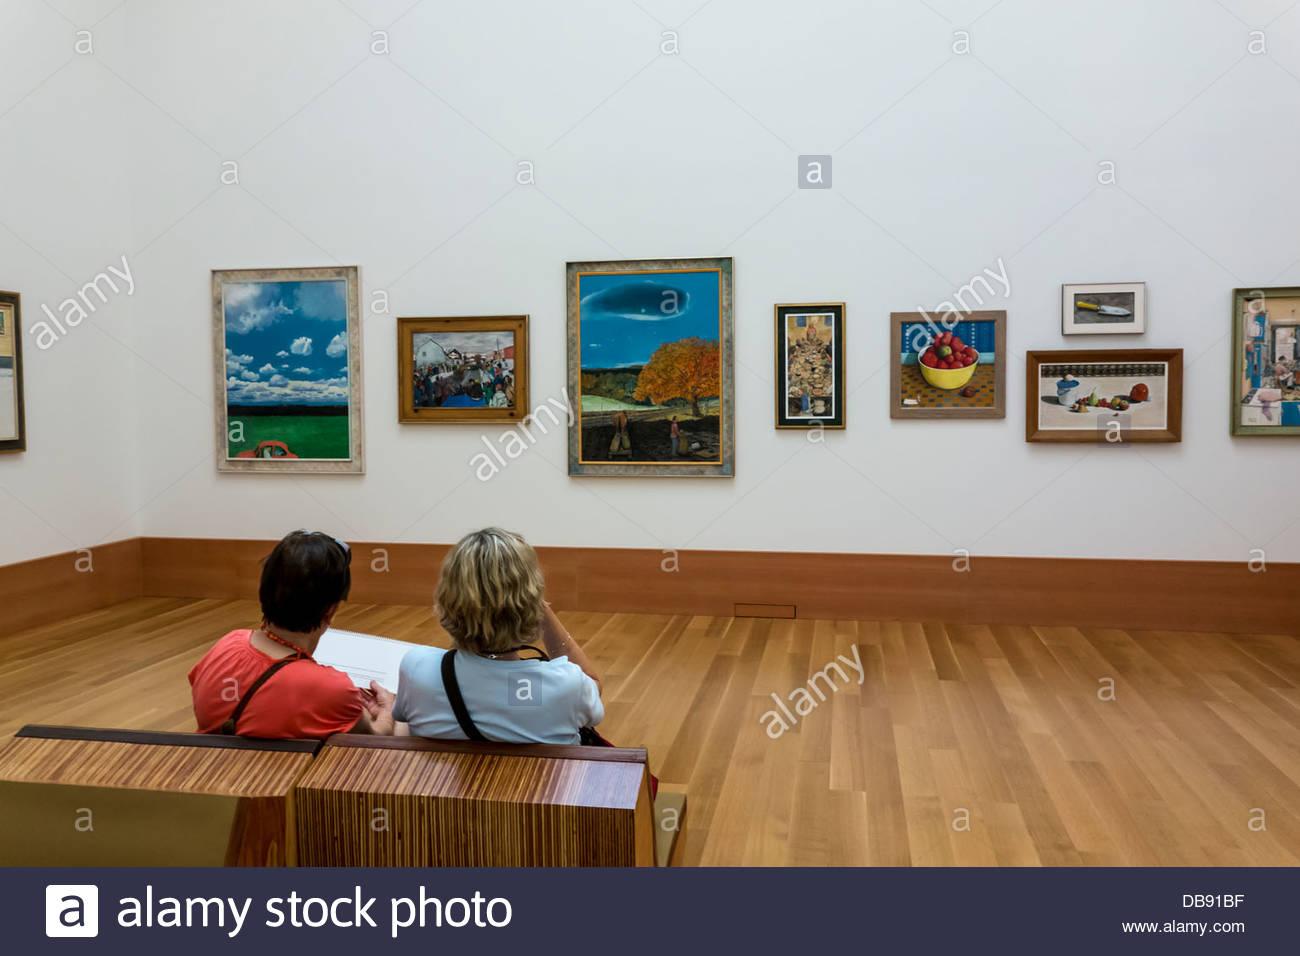 Paintings by William Kurelek on display in renovated Art Gallery of Ontario in Toronto Ontario Canada - Stock Image